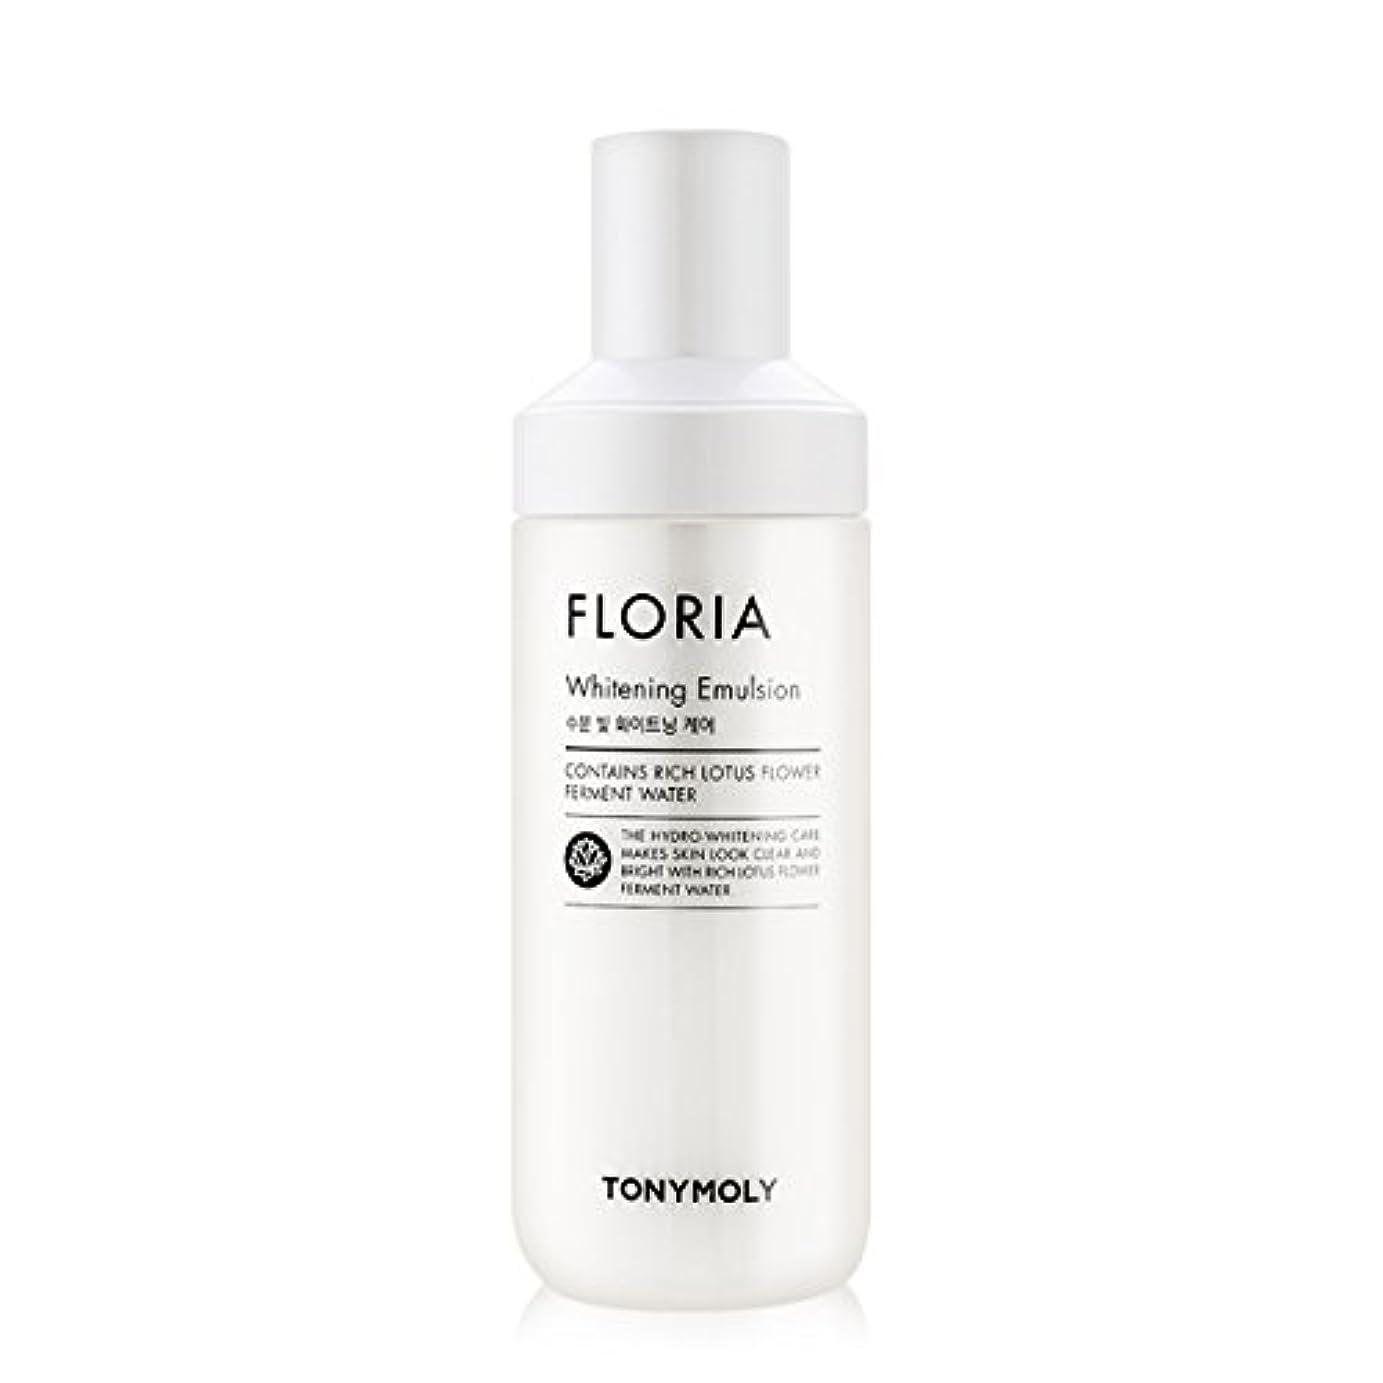 個人的ななので港[2016 New] TONYMOLY Floria Whitening Emulsion 160ml/トニーモリー フロリア ホワイトニング エマルジョン 160ml